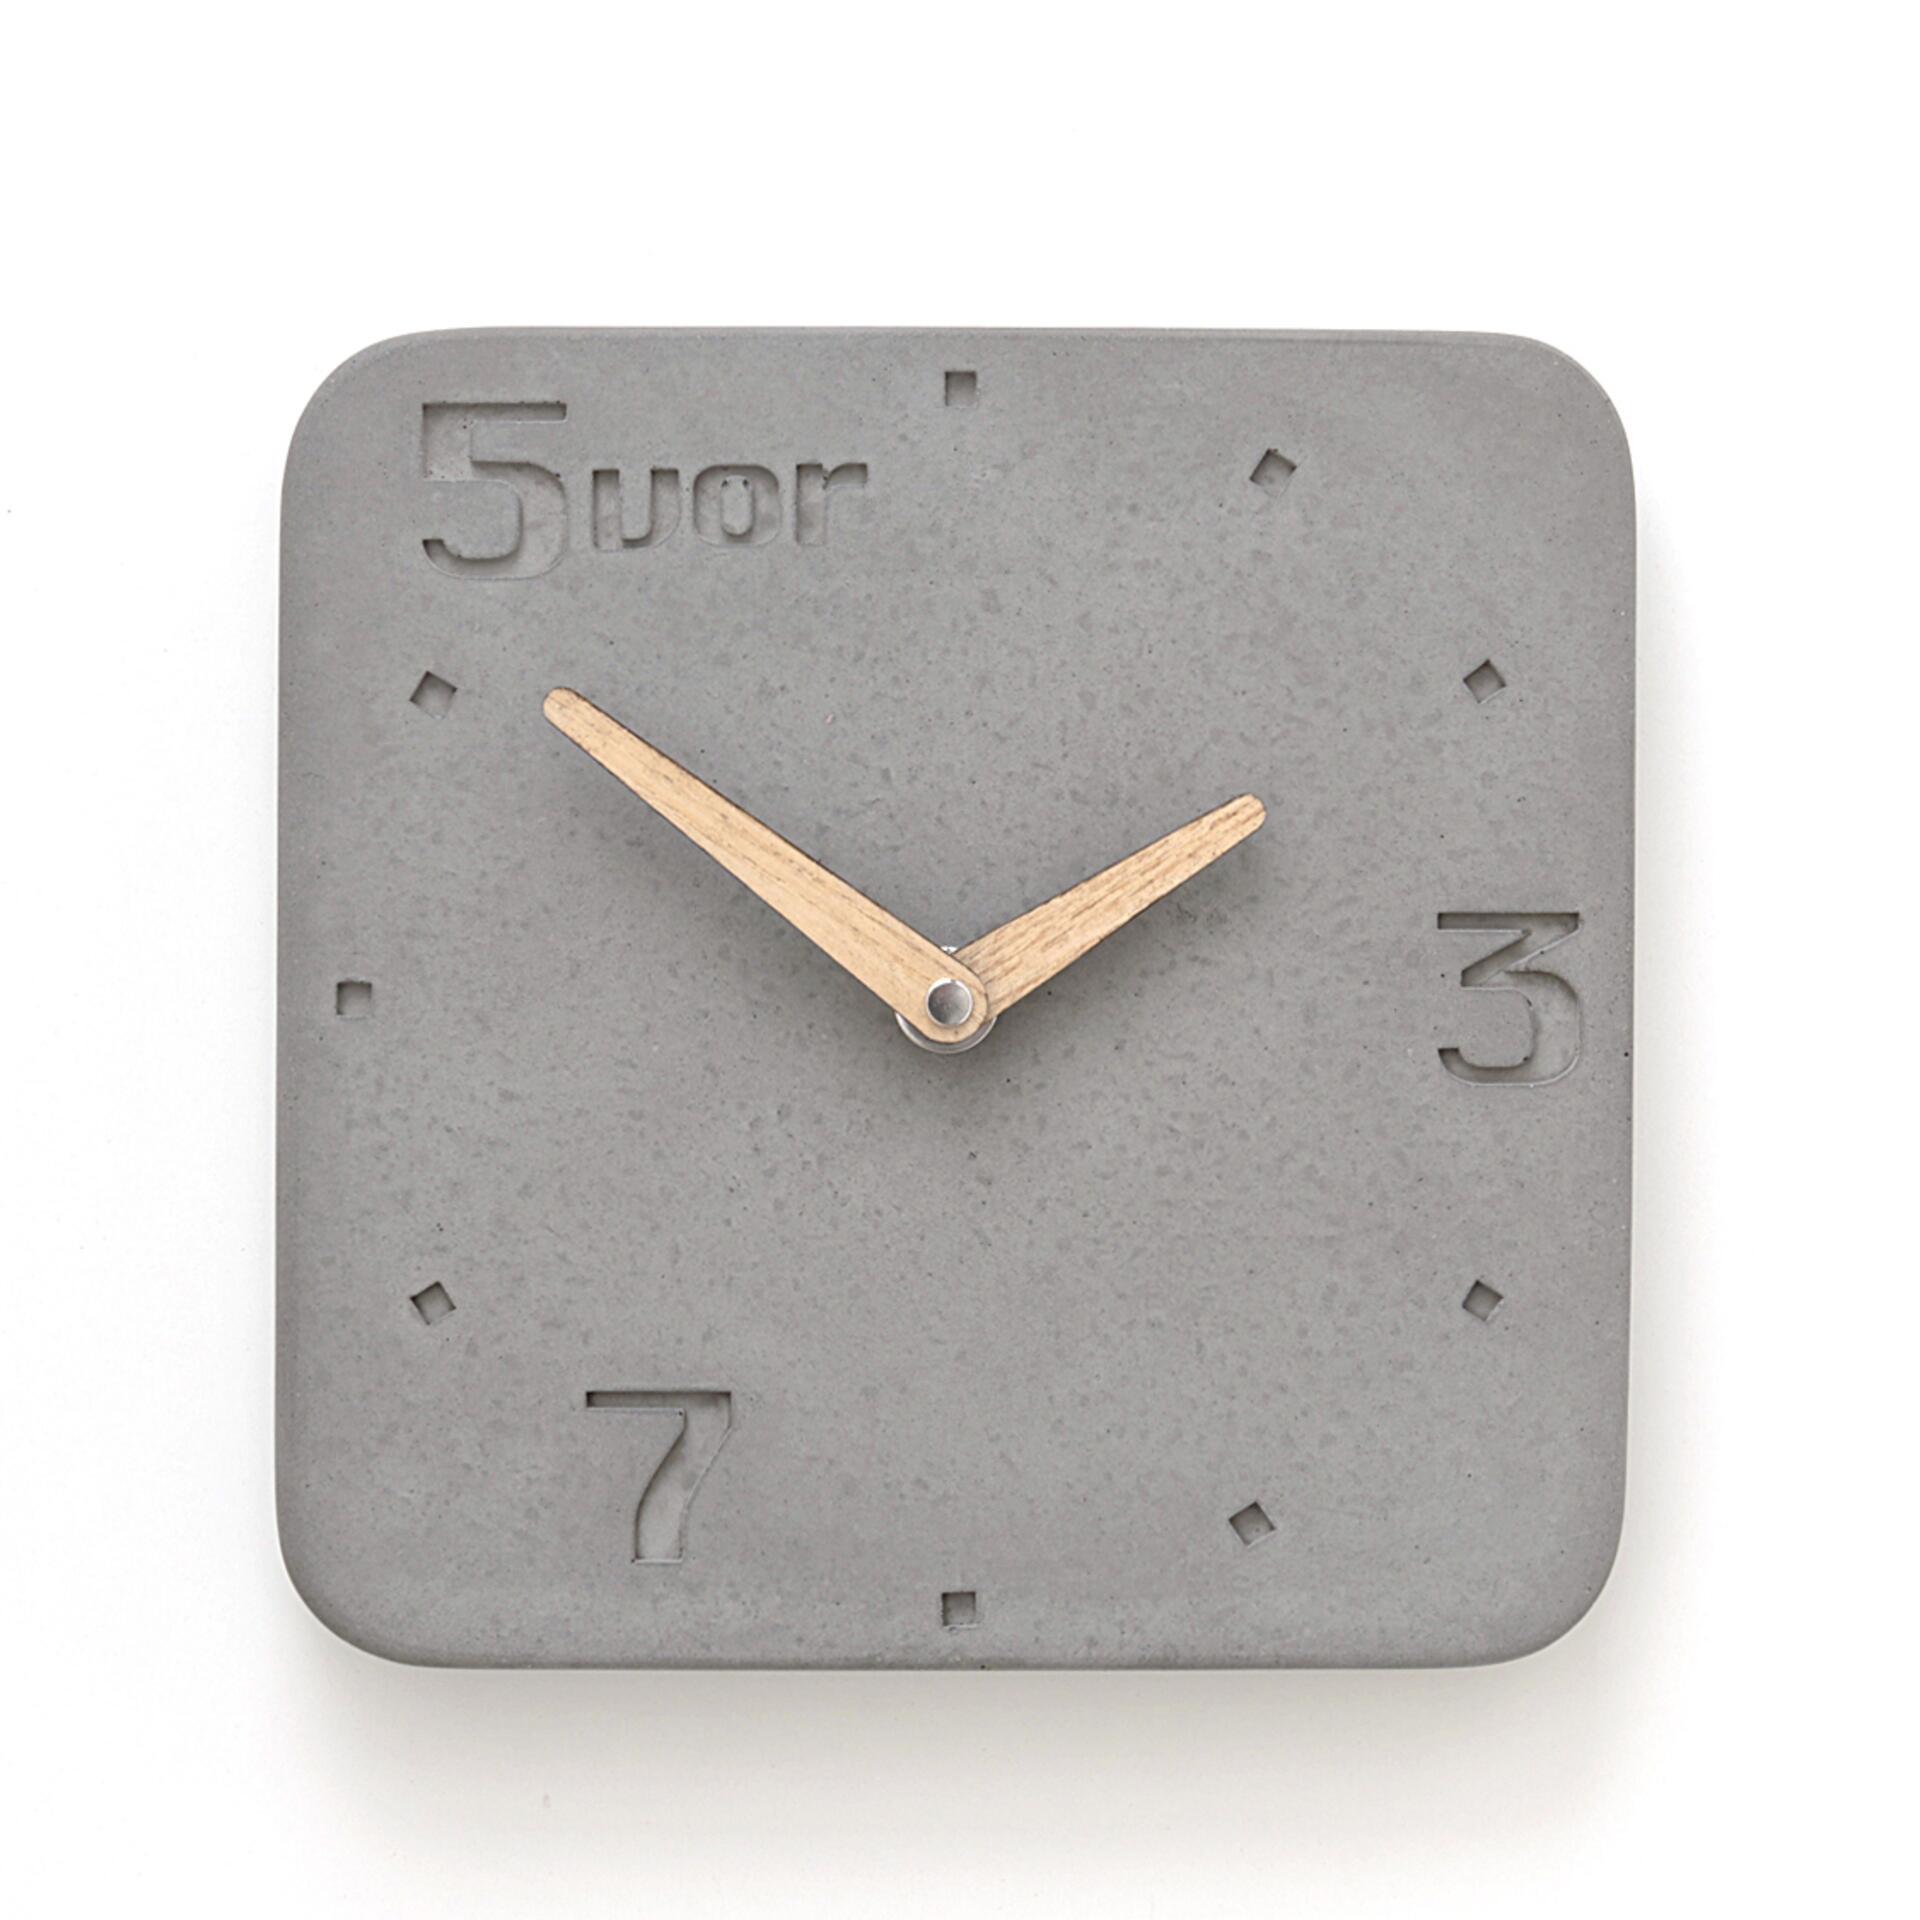 Wertwerke Designuhr aus Beton 5VOR Grau 30 x 30 cm Esche Vollflächig